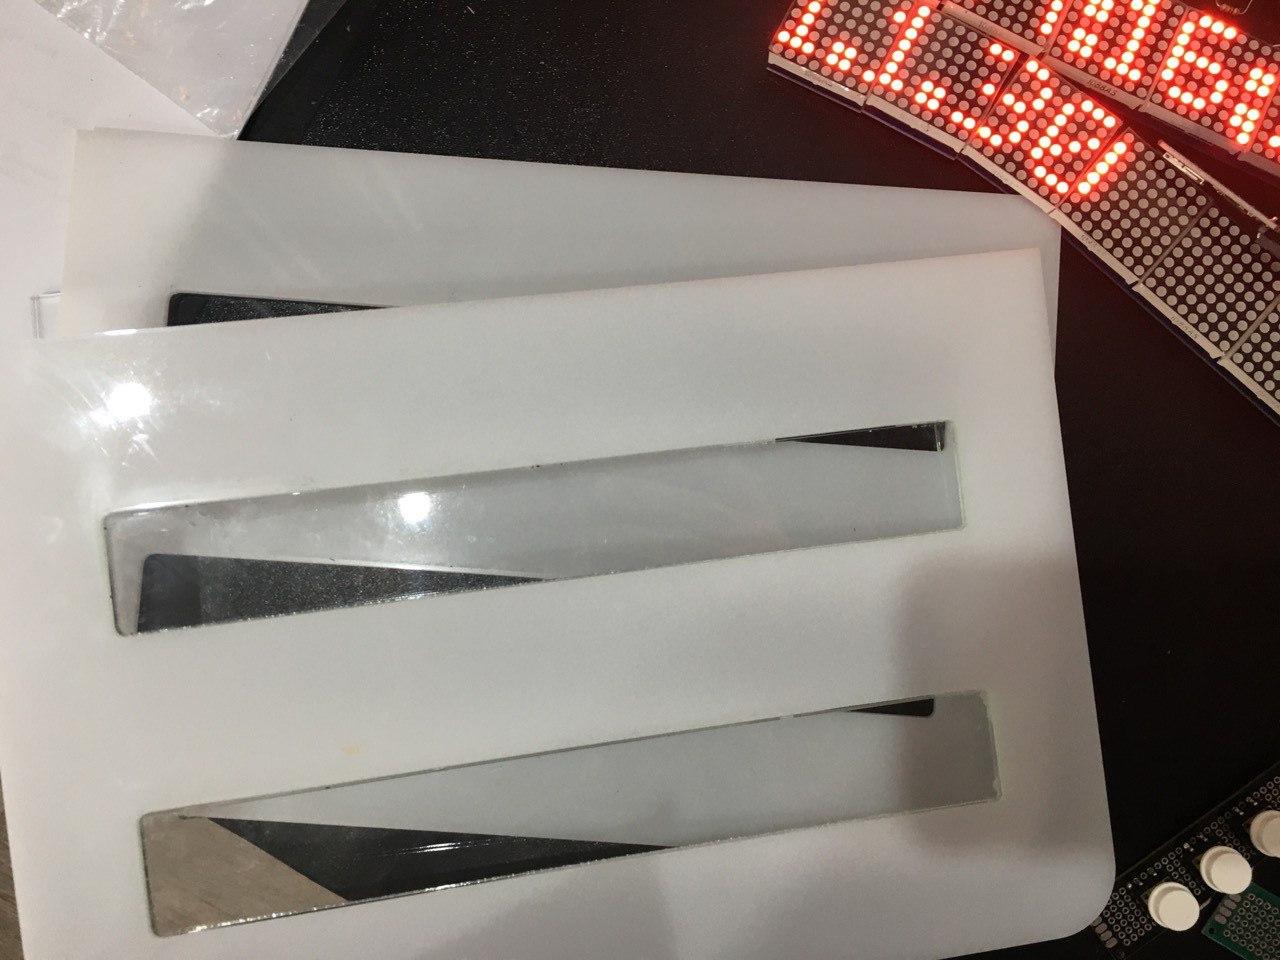 IMSLATE clapperboard prototype body